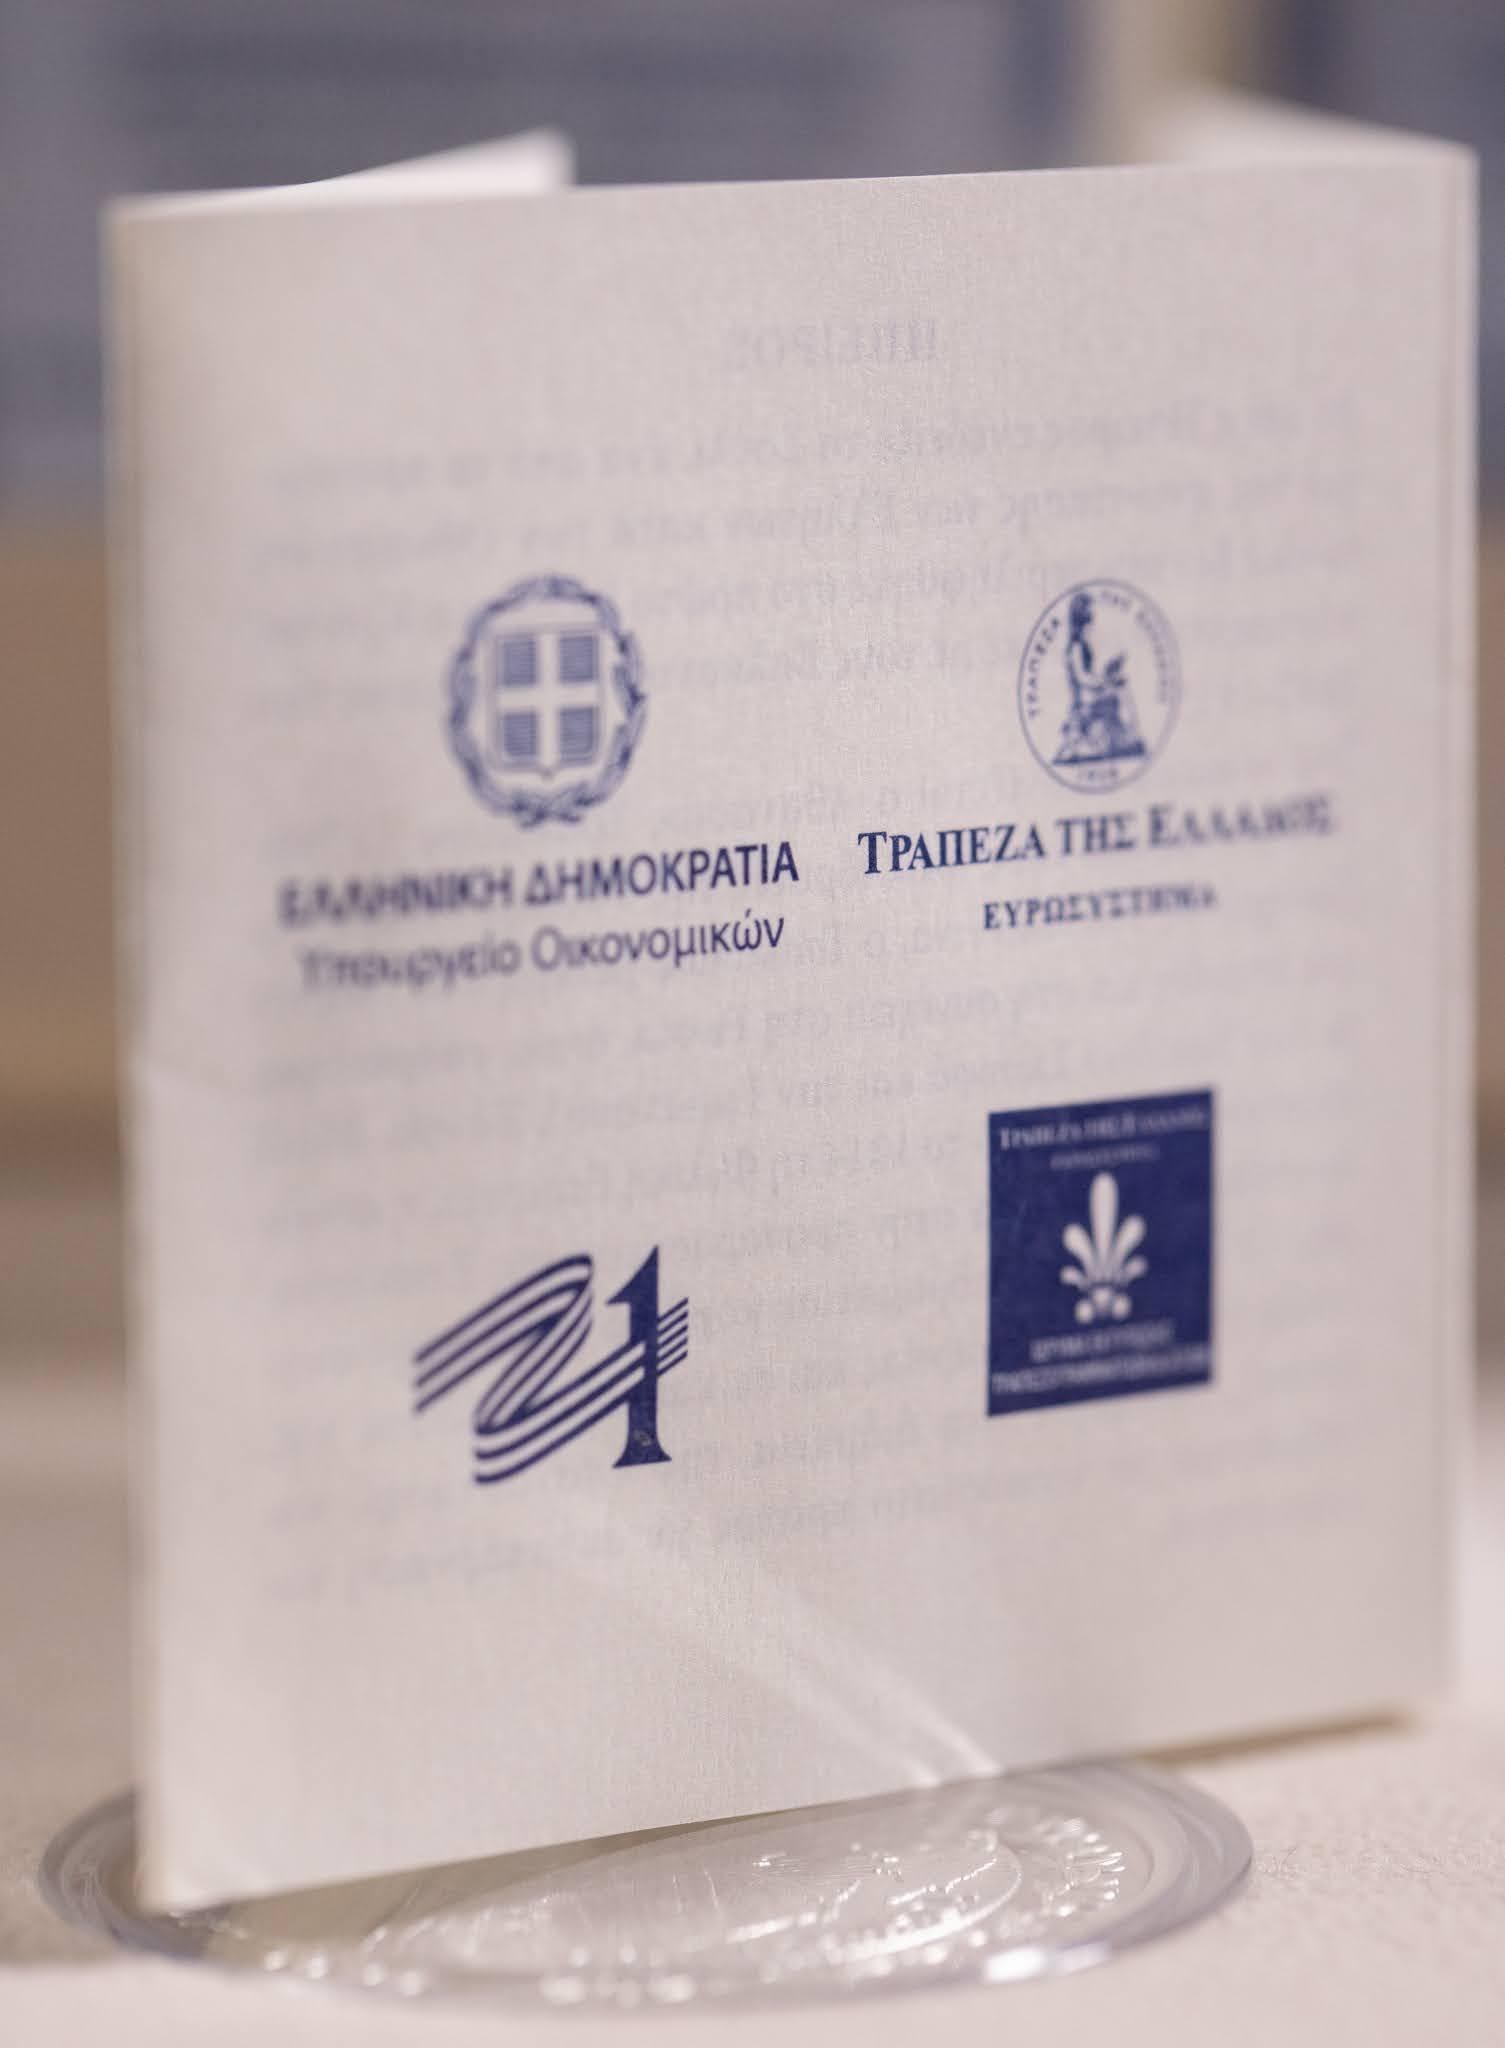 Κυκλοφορεί το συλλεκτικό νόμισμα για τη Θράκη με τον Γεώργιο Βιζυηνό